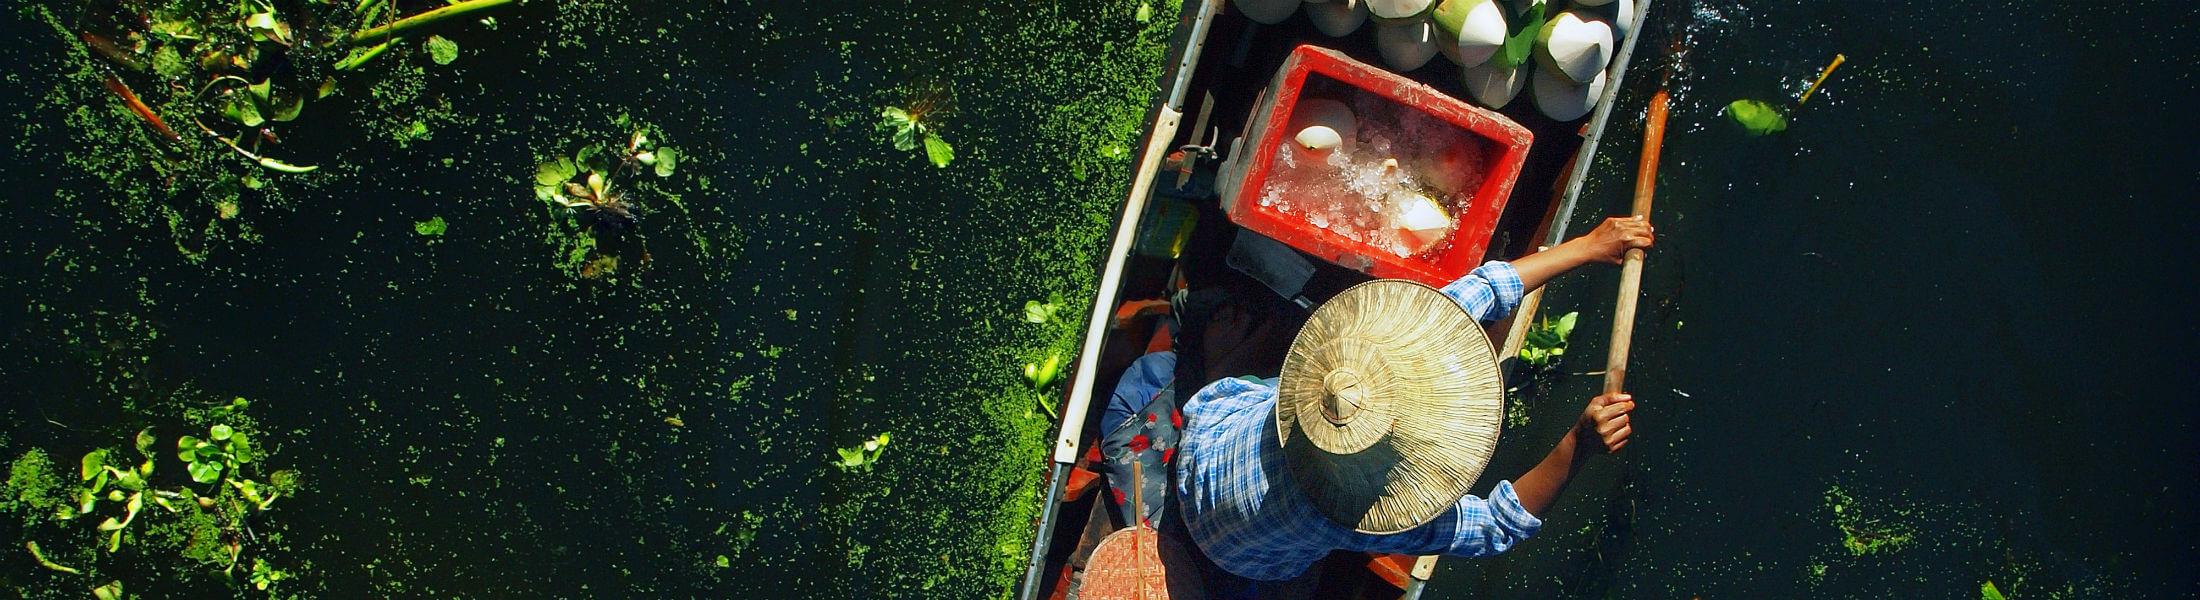 Seller on boat floating market Thailand